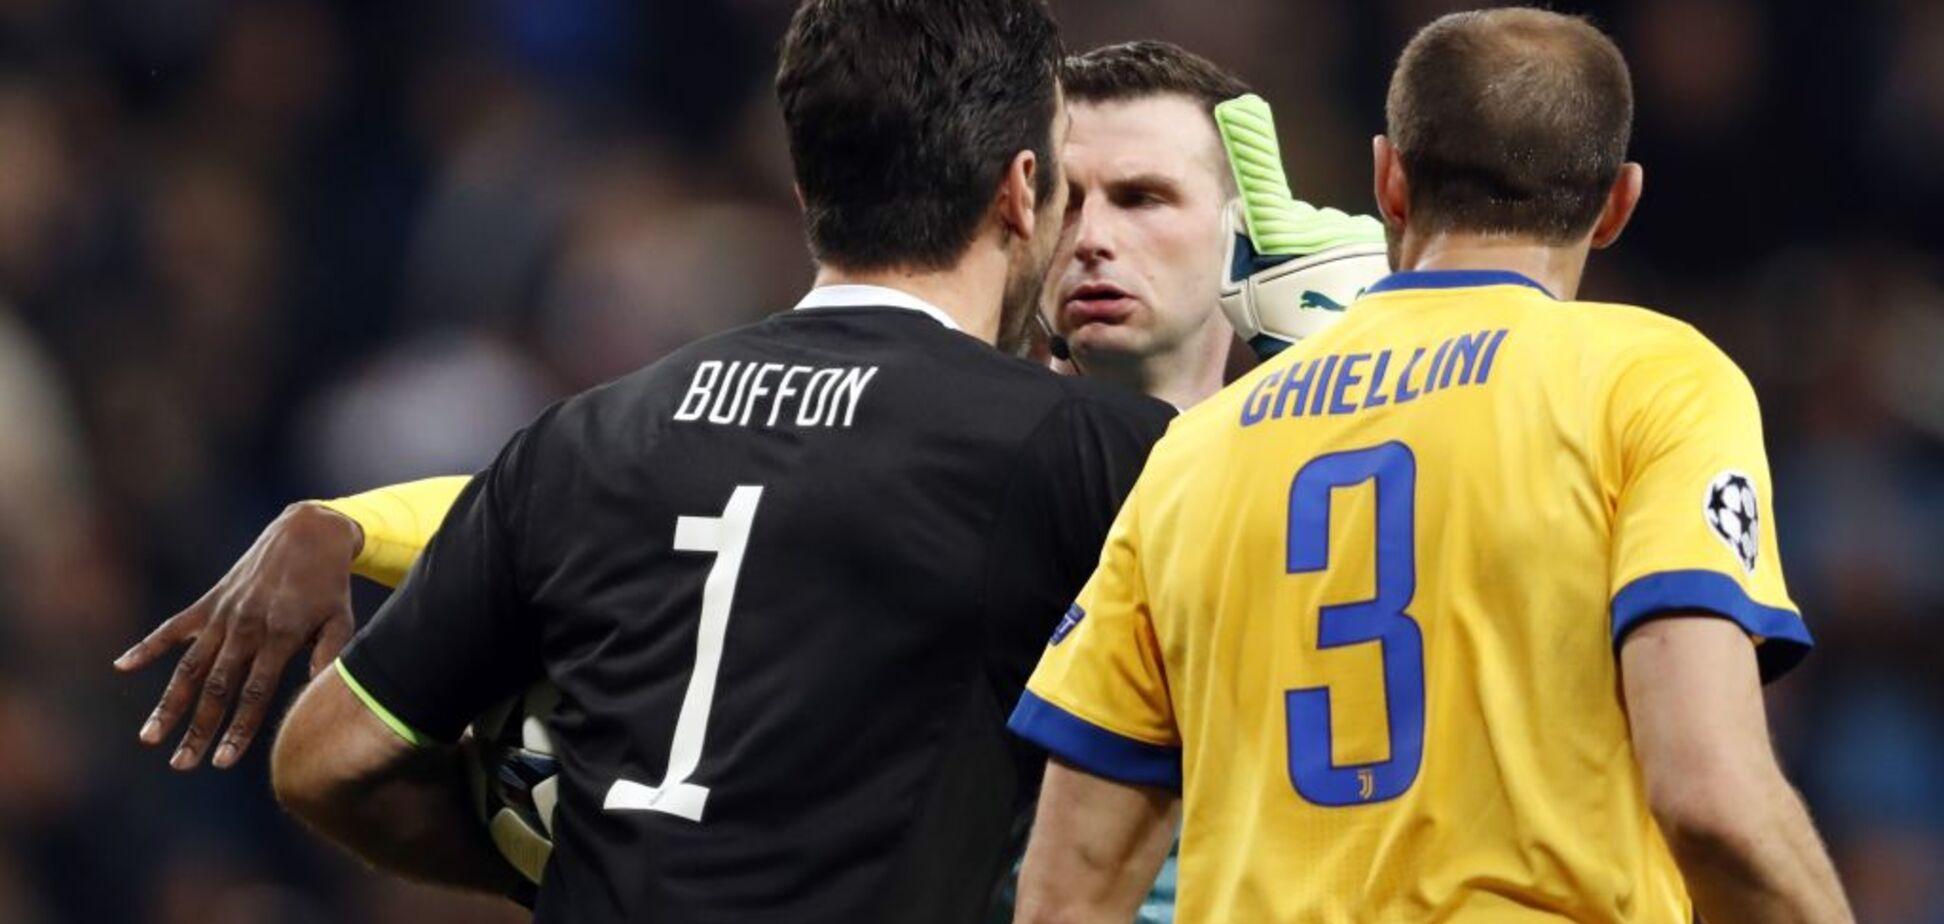 'Тварина!' Буффон втоптав у бруд арбітра матчу з 'Реалом'